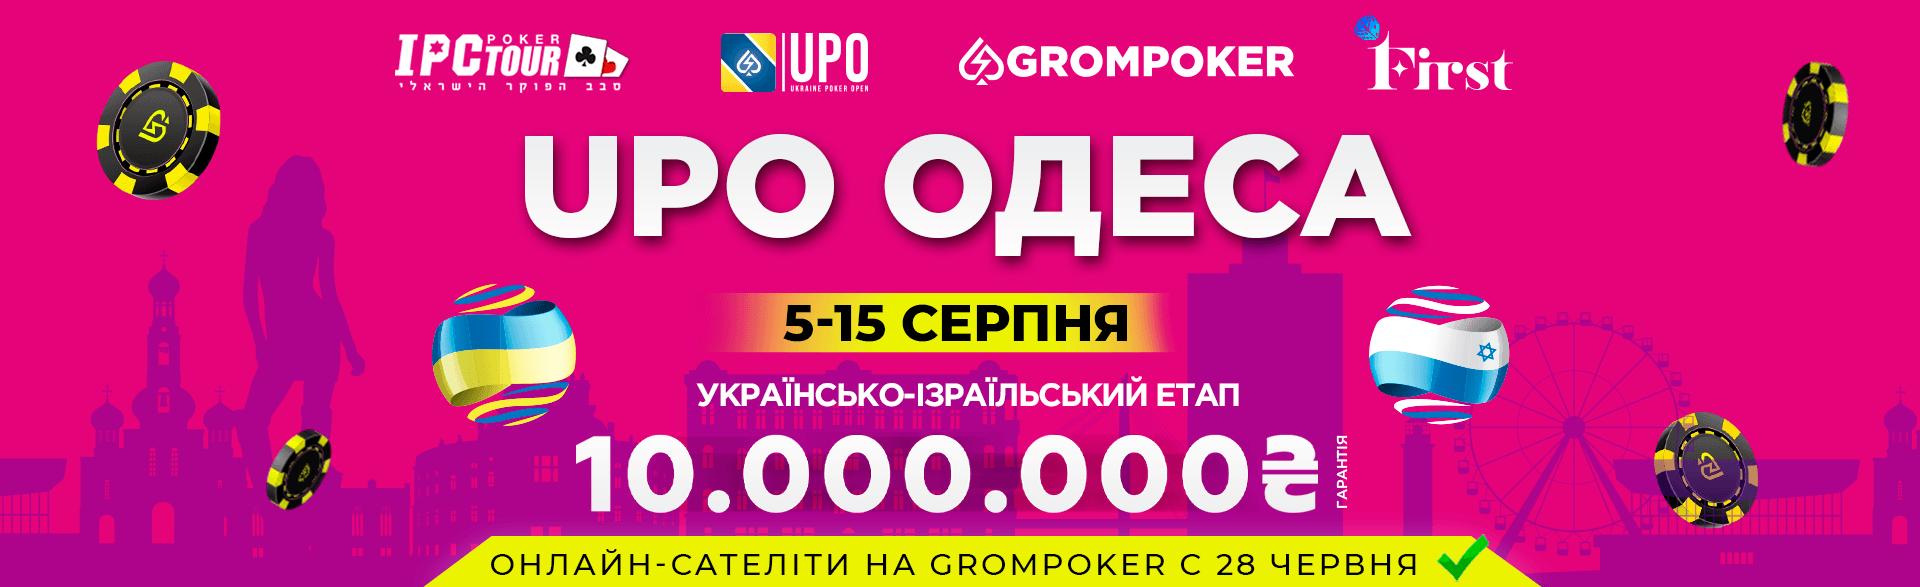 UPO & IPC Одеса